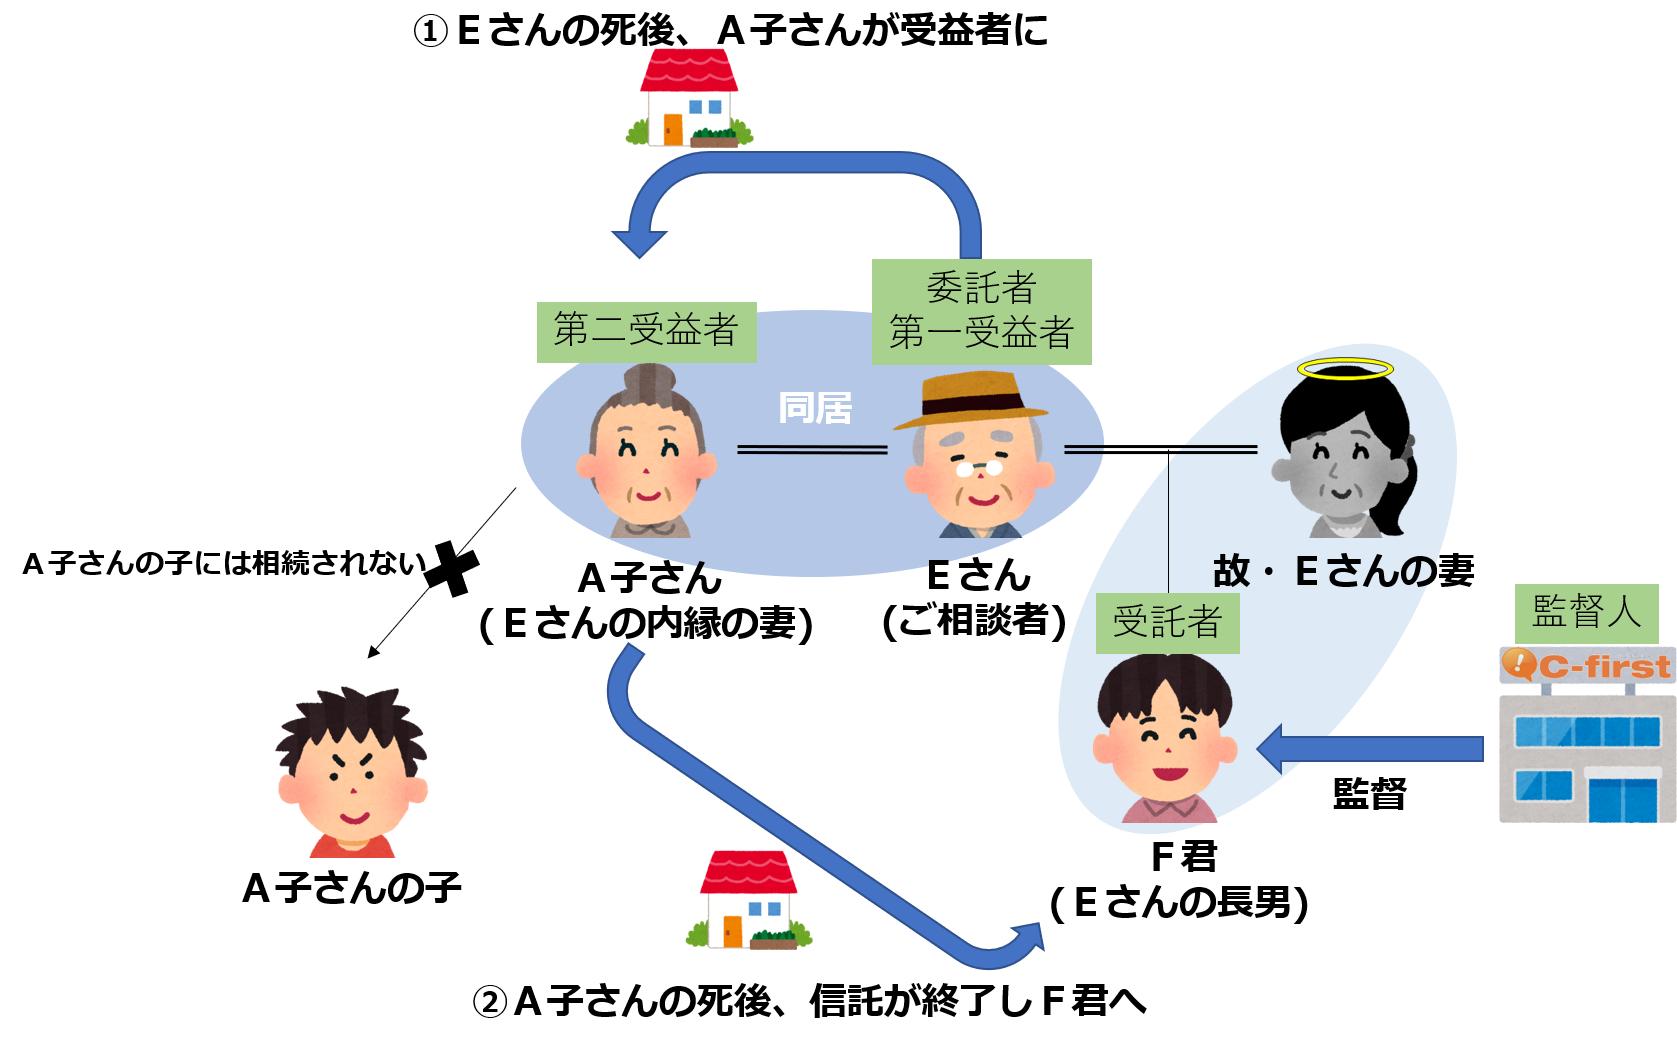 【生前対策/岸和田市】内縁の妻に持ち家に住み続けて欲しいが、いずれは実子に相続させたいとご相談に来られたケース